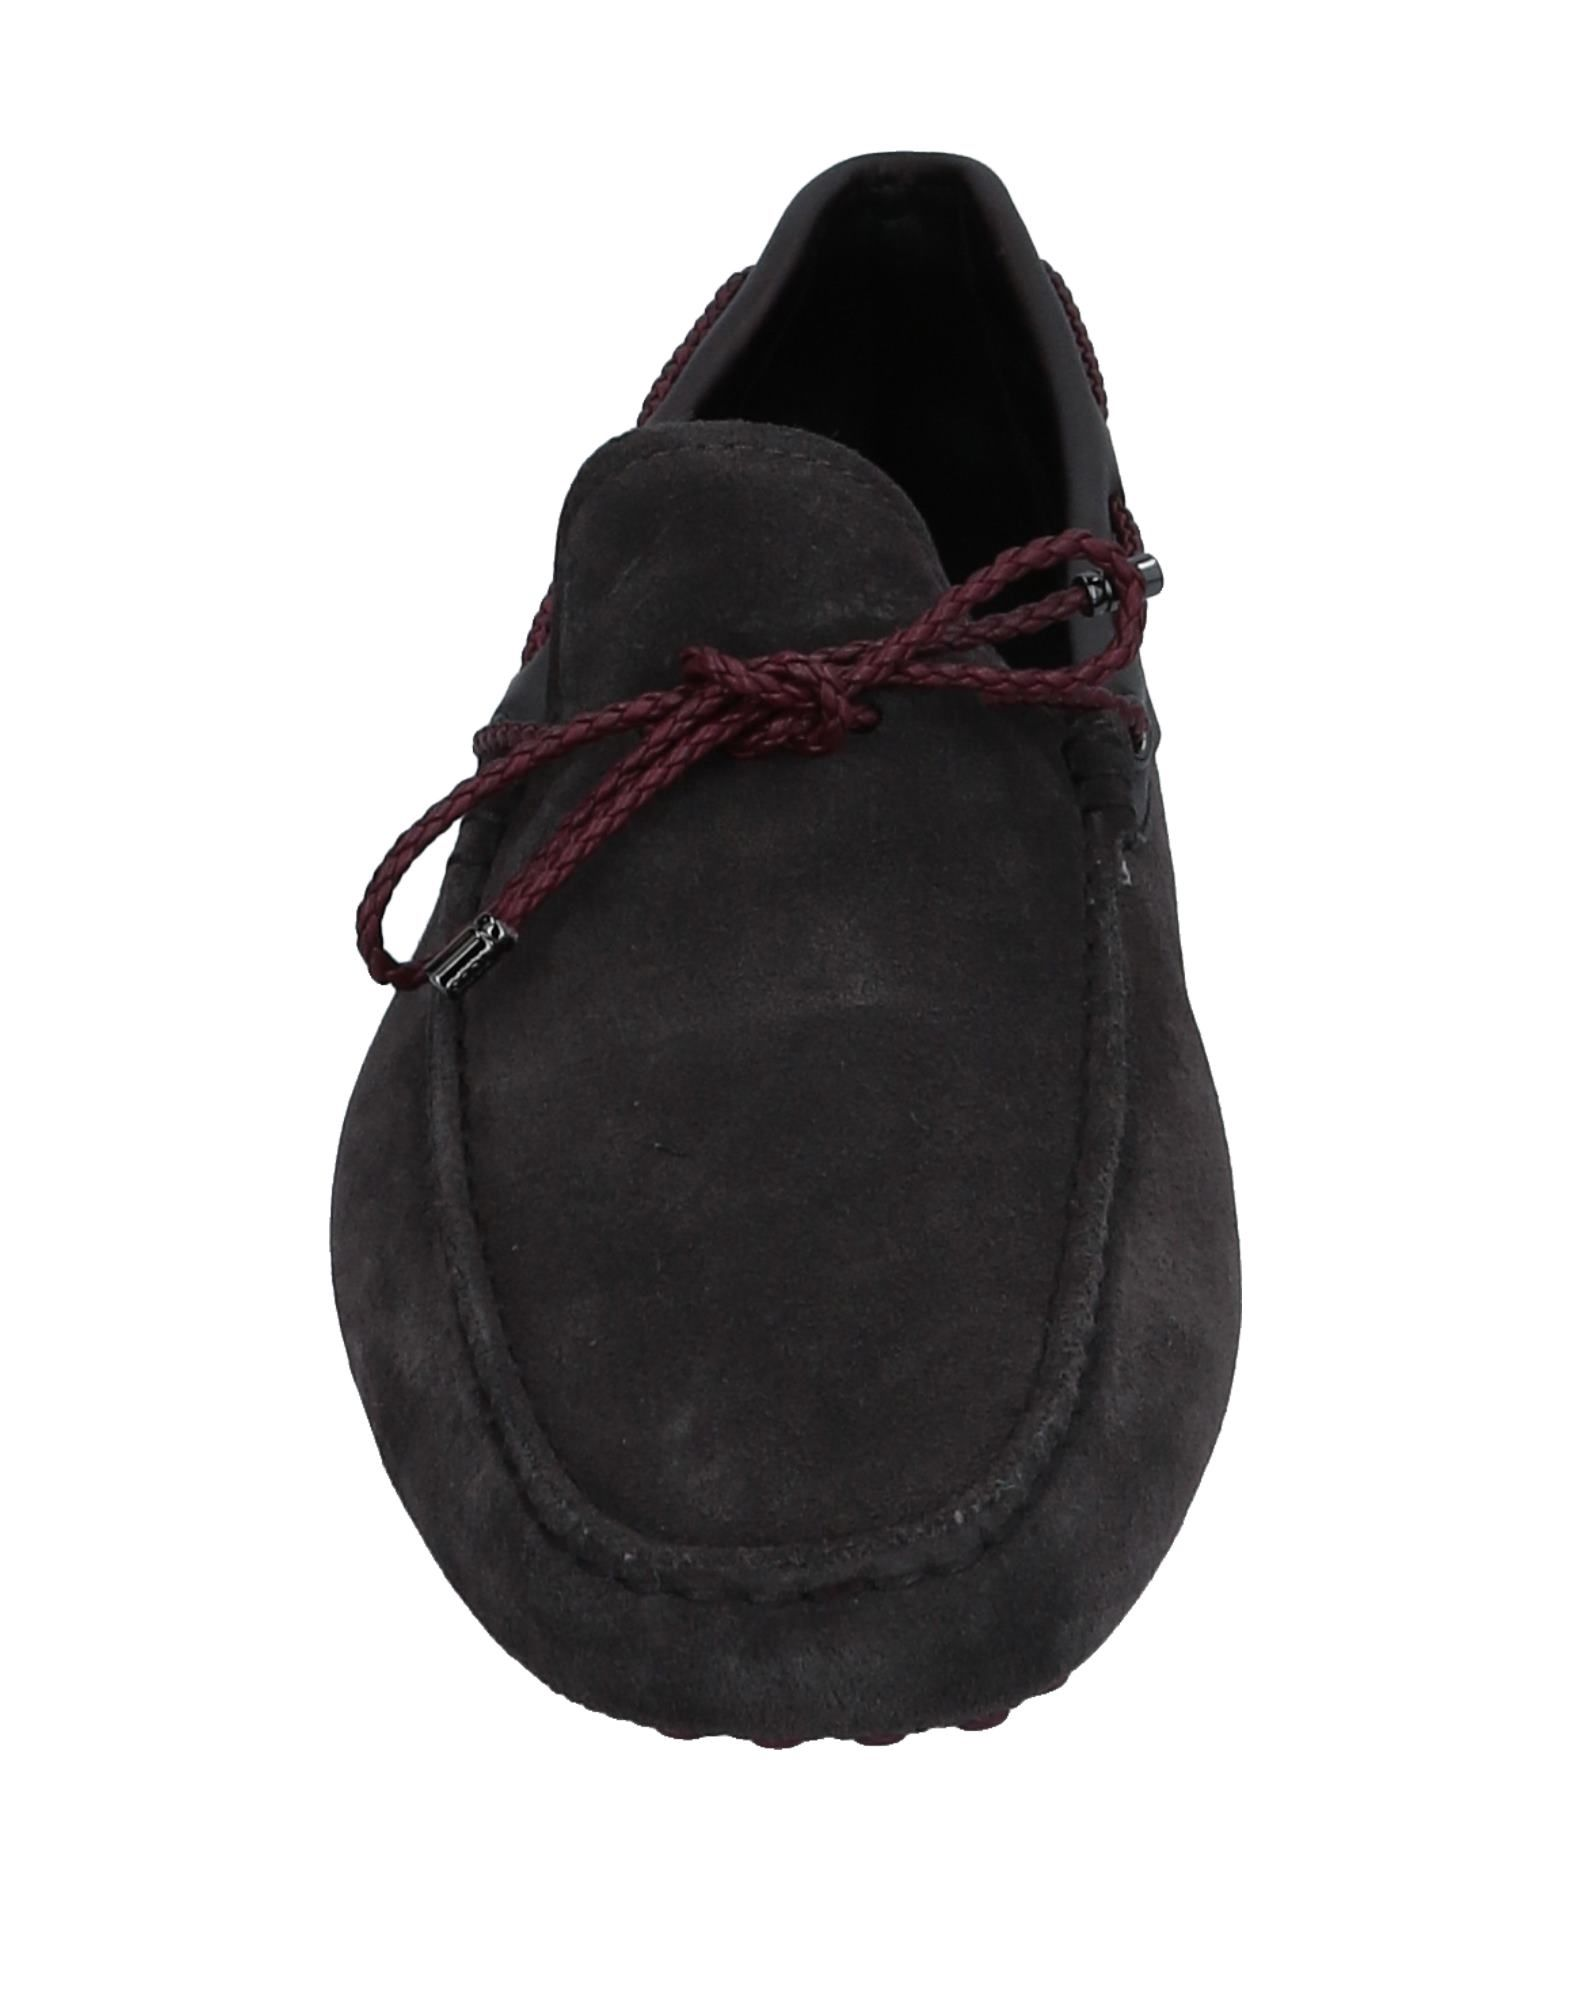 Tod's Gute Mokassins Herren  11544393HN Gute Tod's Qualität beliebte Schuhe 284241